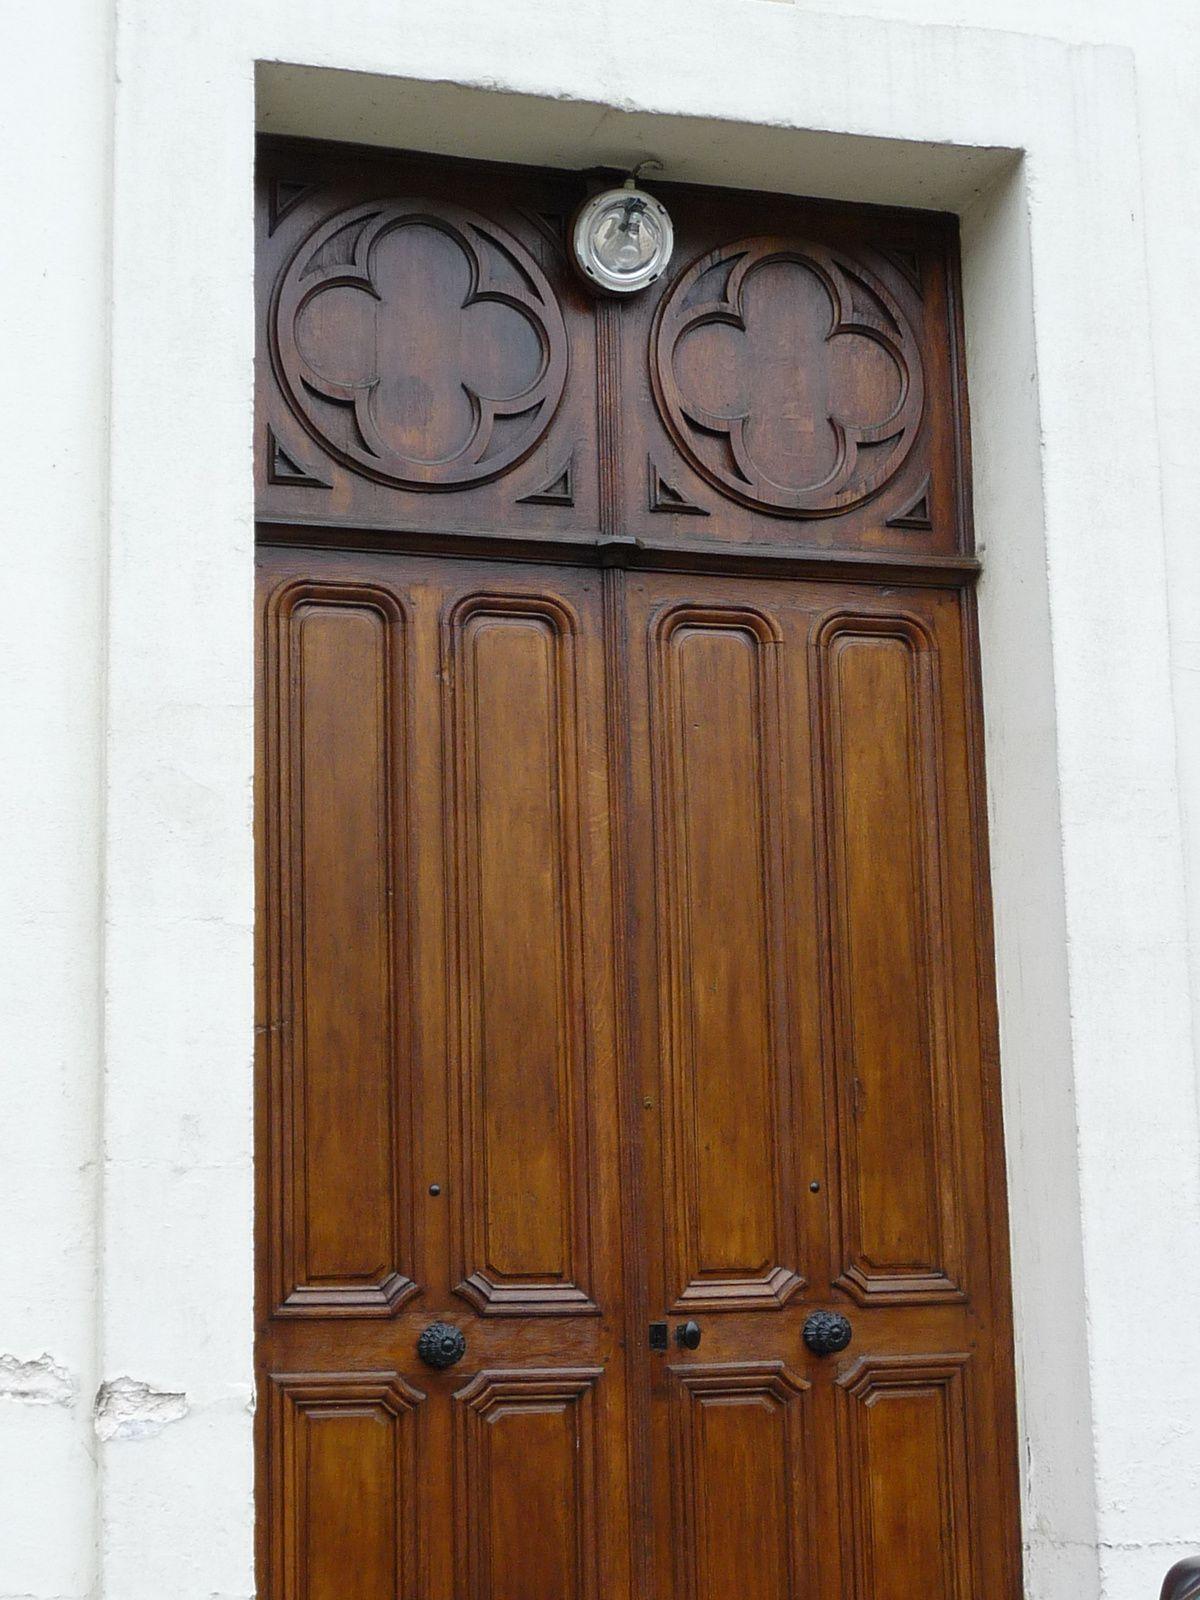 Les croix qui couronnent les deux entrées de la chapelle Saint-Luc. Vue sur la porte d'entrée de la rue Julien-Blin (clichés Armand Launay, 2013, 2013 et 2014).